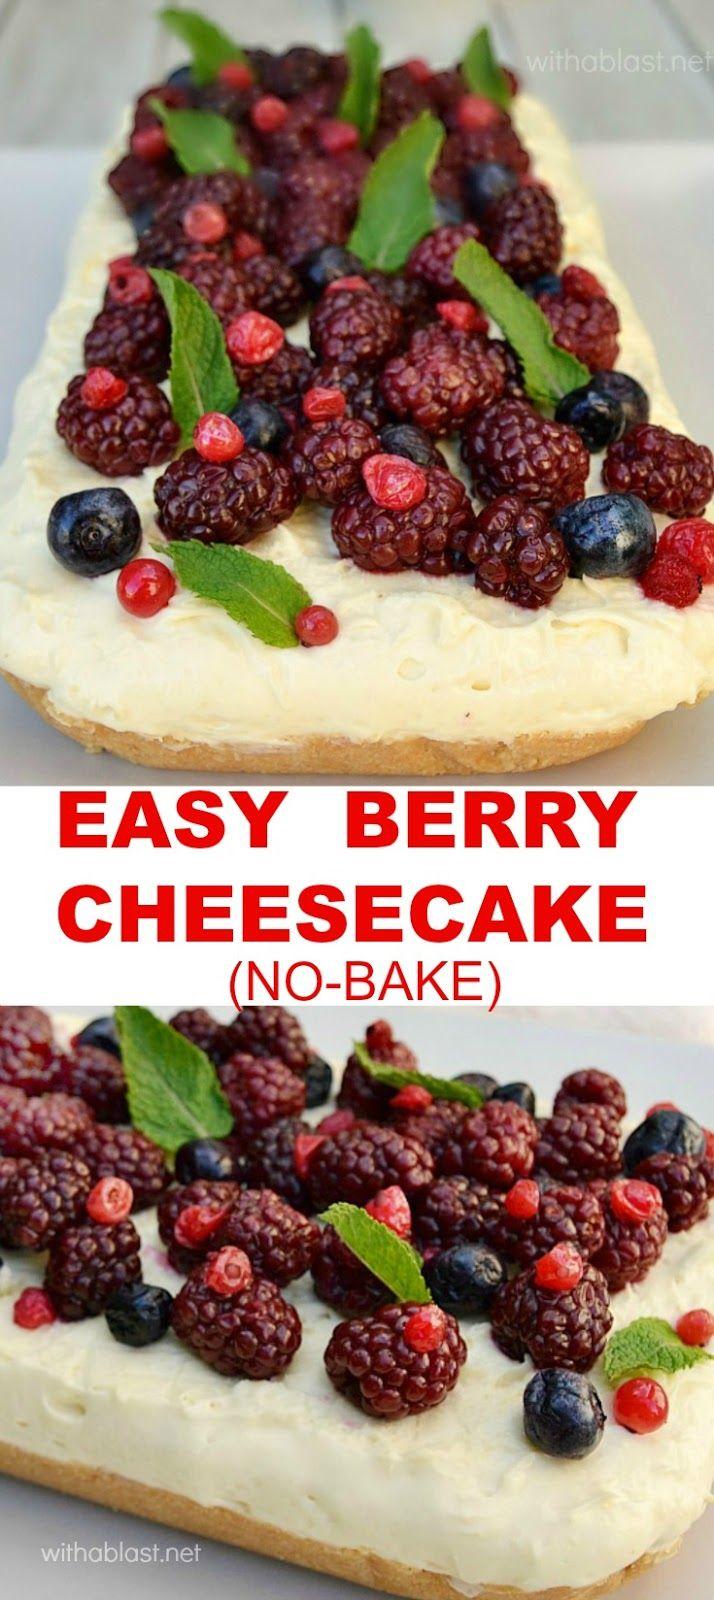 Easy, delicious Spring dessert - No-bake Berry Cheesecake